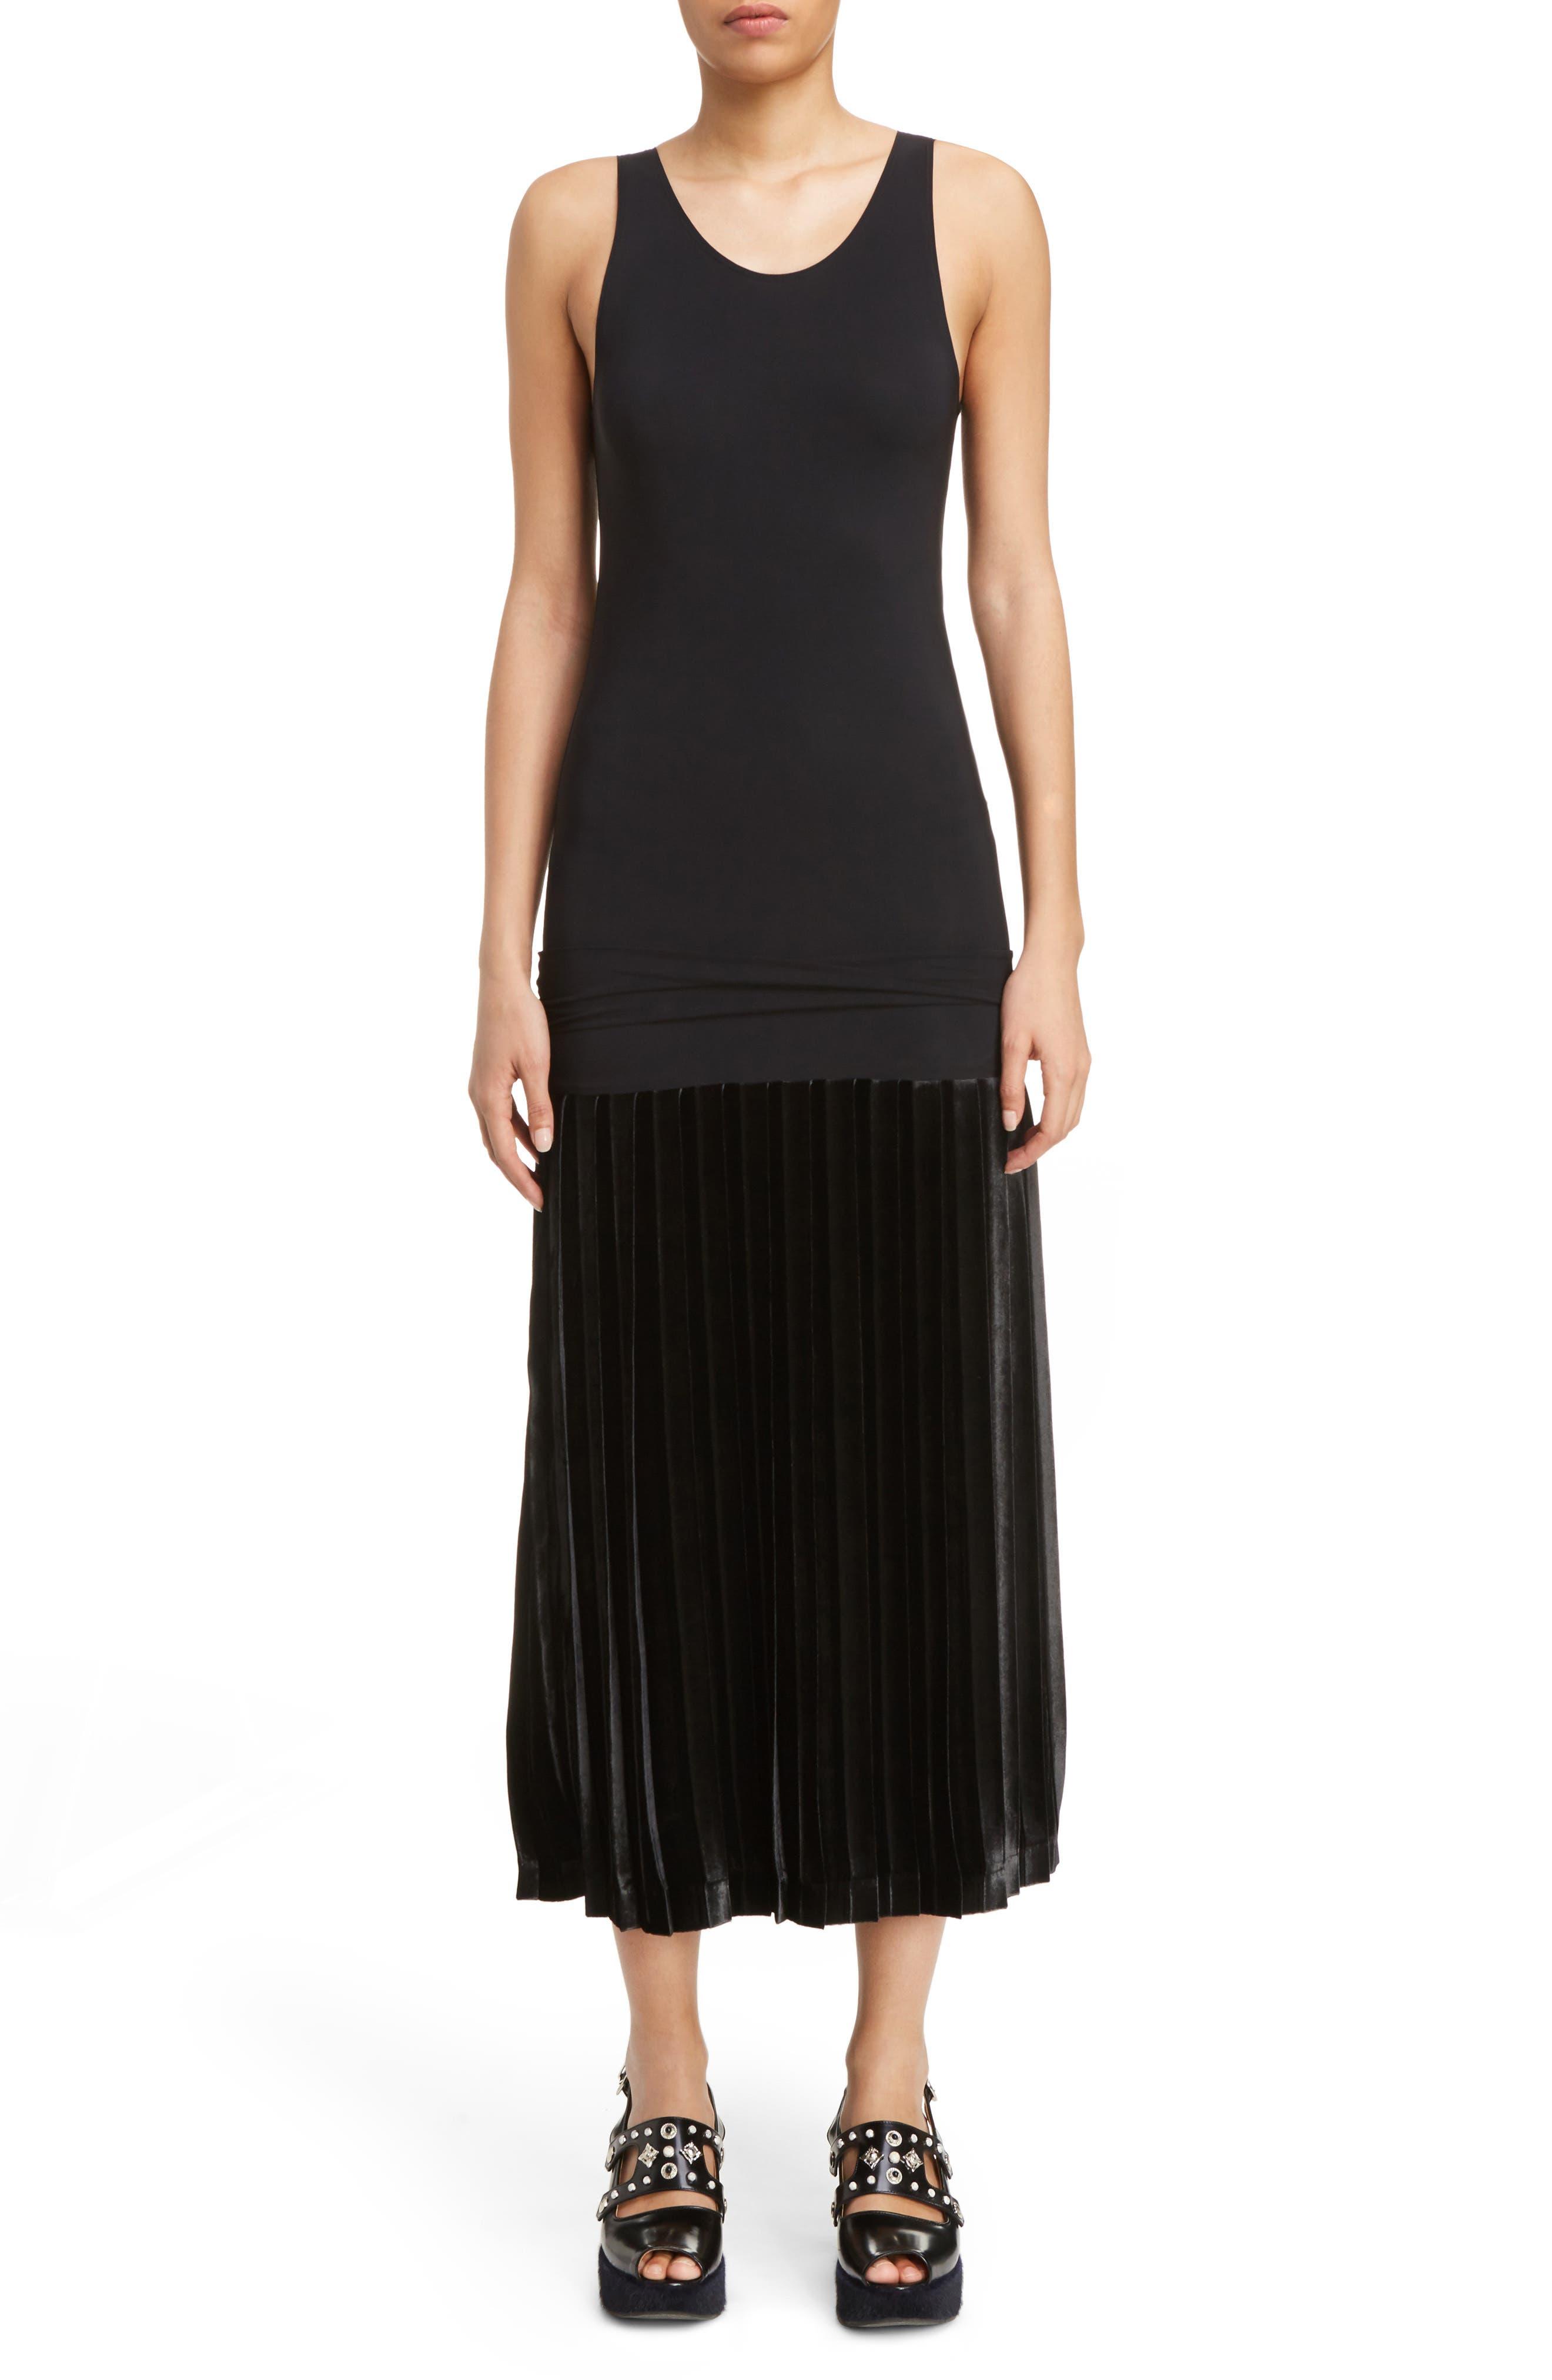 Alternate Image 1 Selected - Toga Velvet Skirt Tank Dress